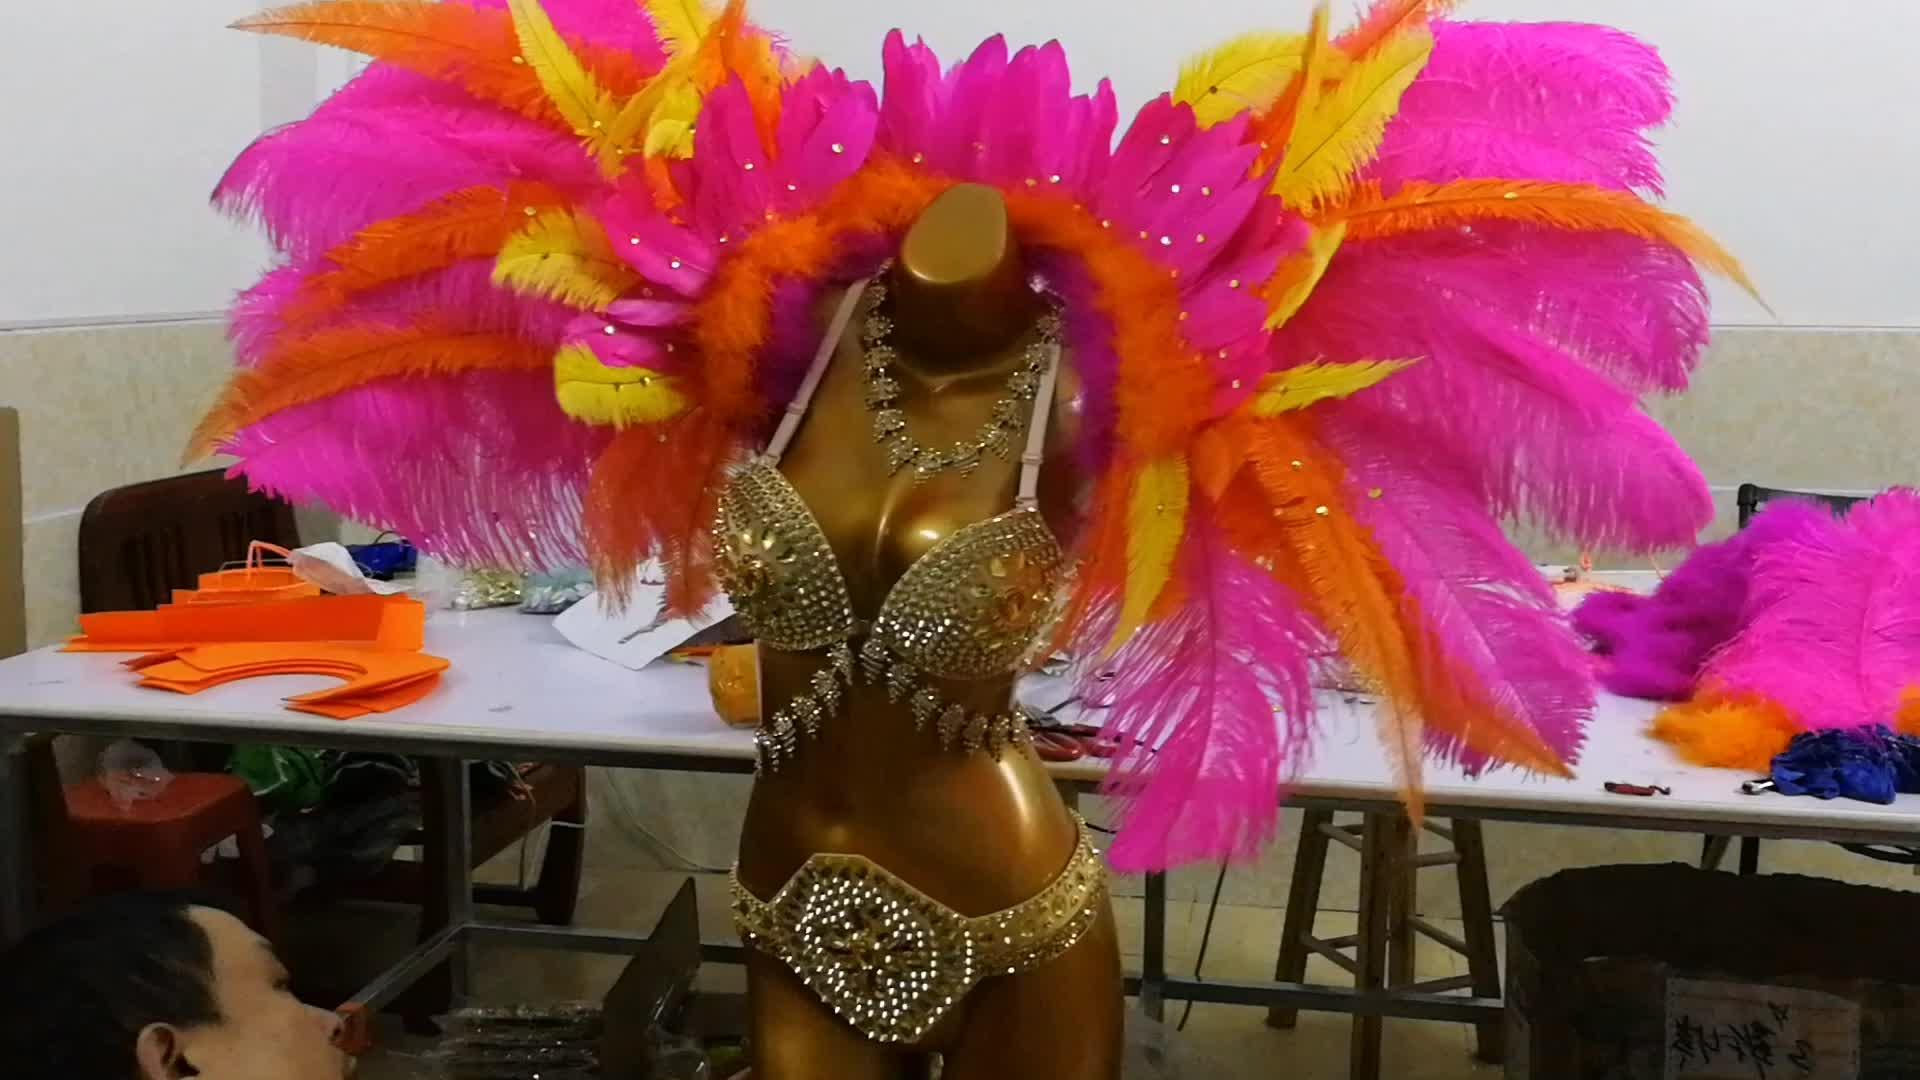 DIY Sexy Erotis Brazil Karibia Karnaval Tema Pesta Bulu Kostum untuk Wanita Dibuat Di Cina